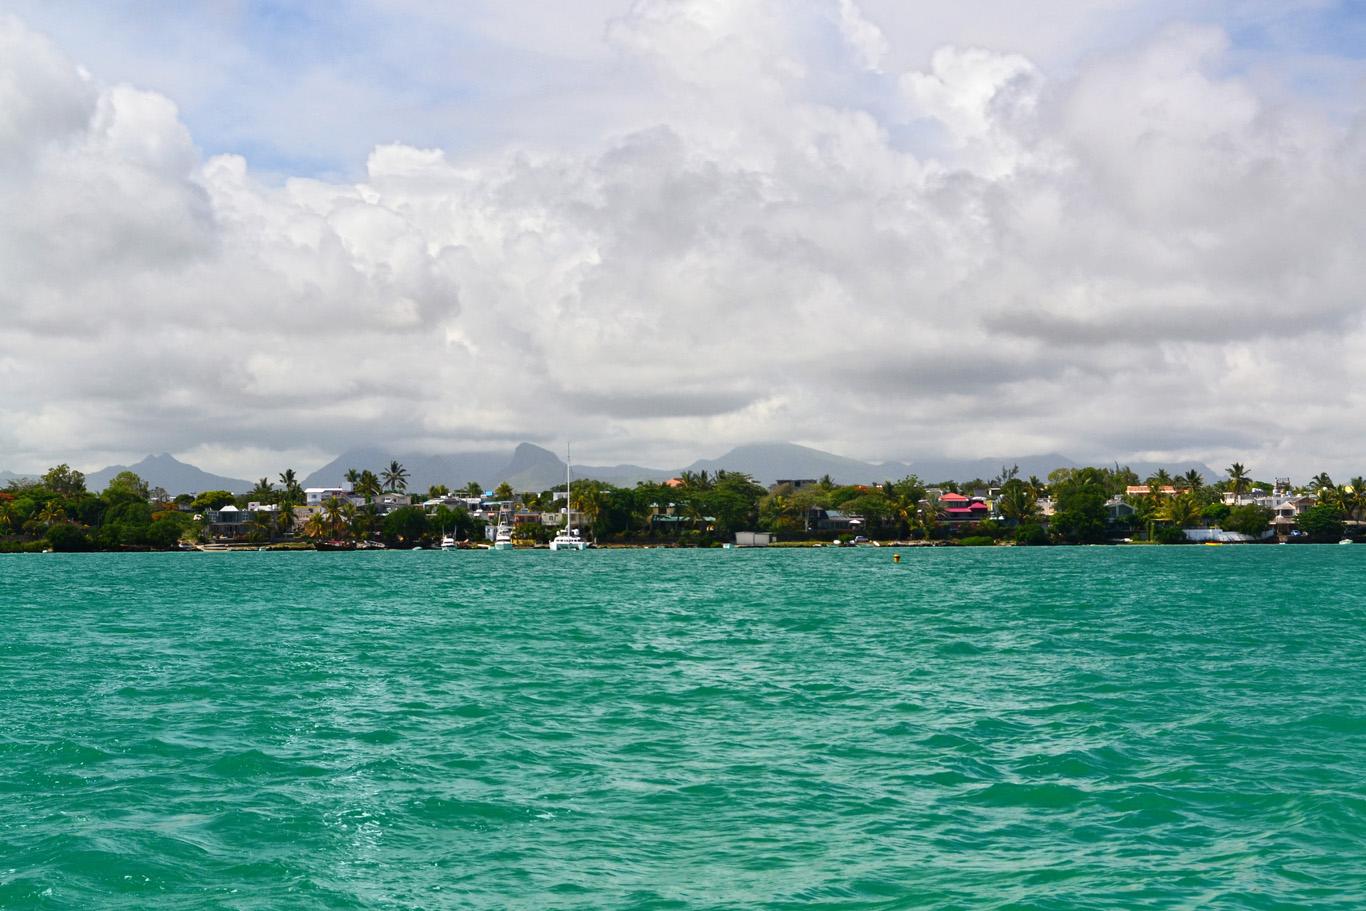 Grand Baie seen from a catamaran